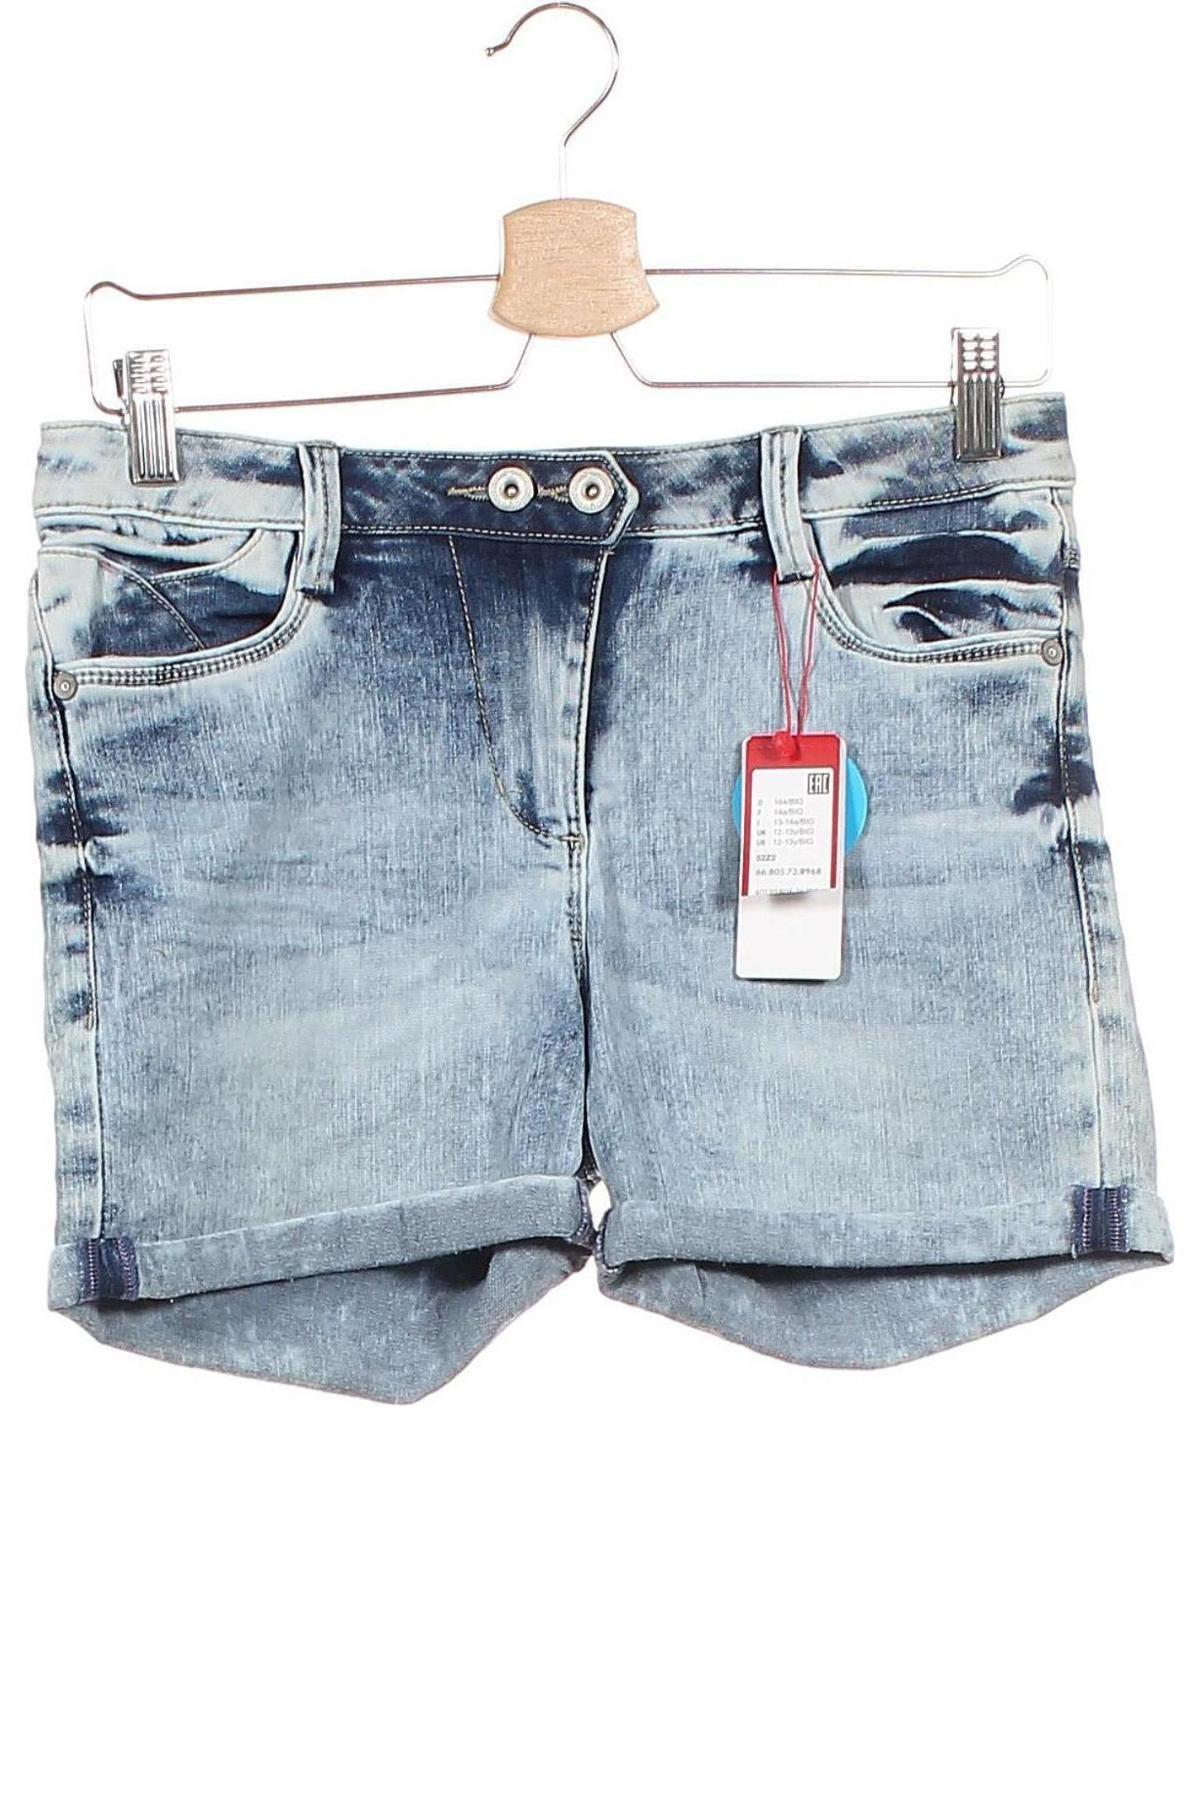 Παιδικό κοντό παντελόνι S.Oliver, Μέγεθος 12-13y/ 158-164 εκ., Χρώμα Μπλέ, 66% βαμβάκι, 29% πολυεστέρας, 3% βισκόζη, 2% ελαστάνη, Τιμή 16,88€